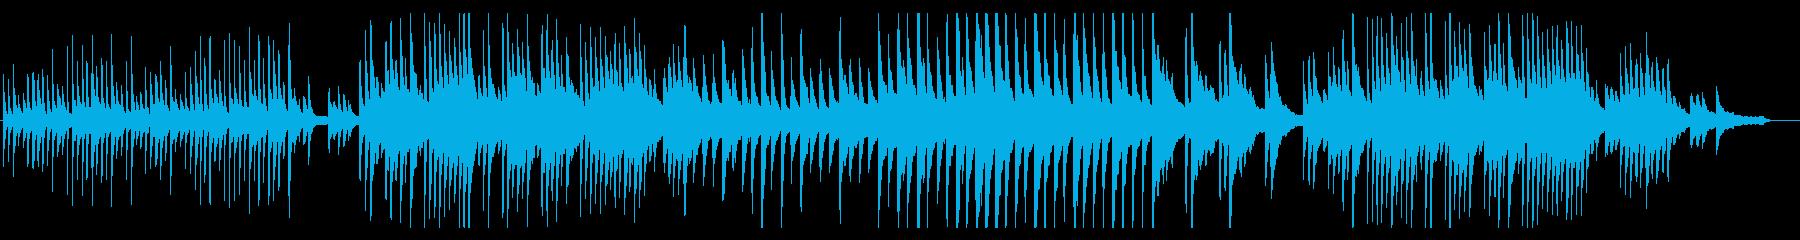 哀しい雰囲気のピアノソロの再生済みの波形